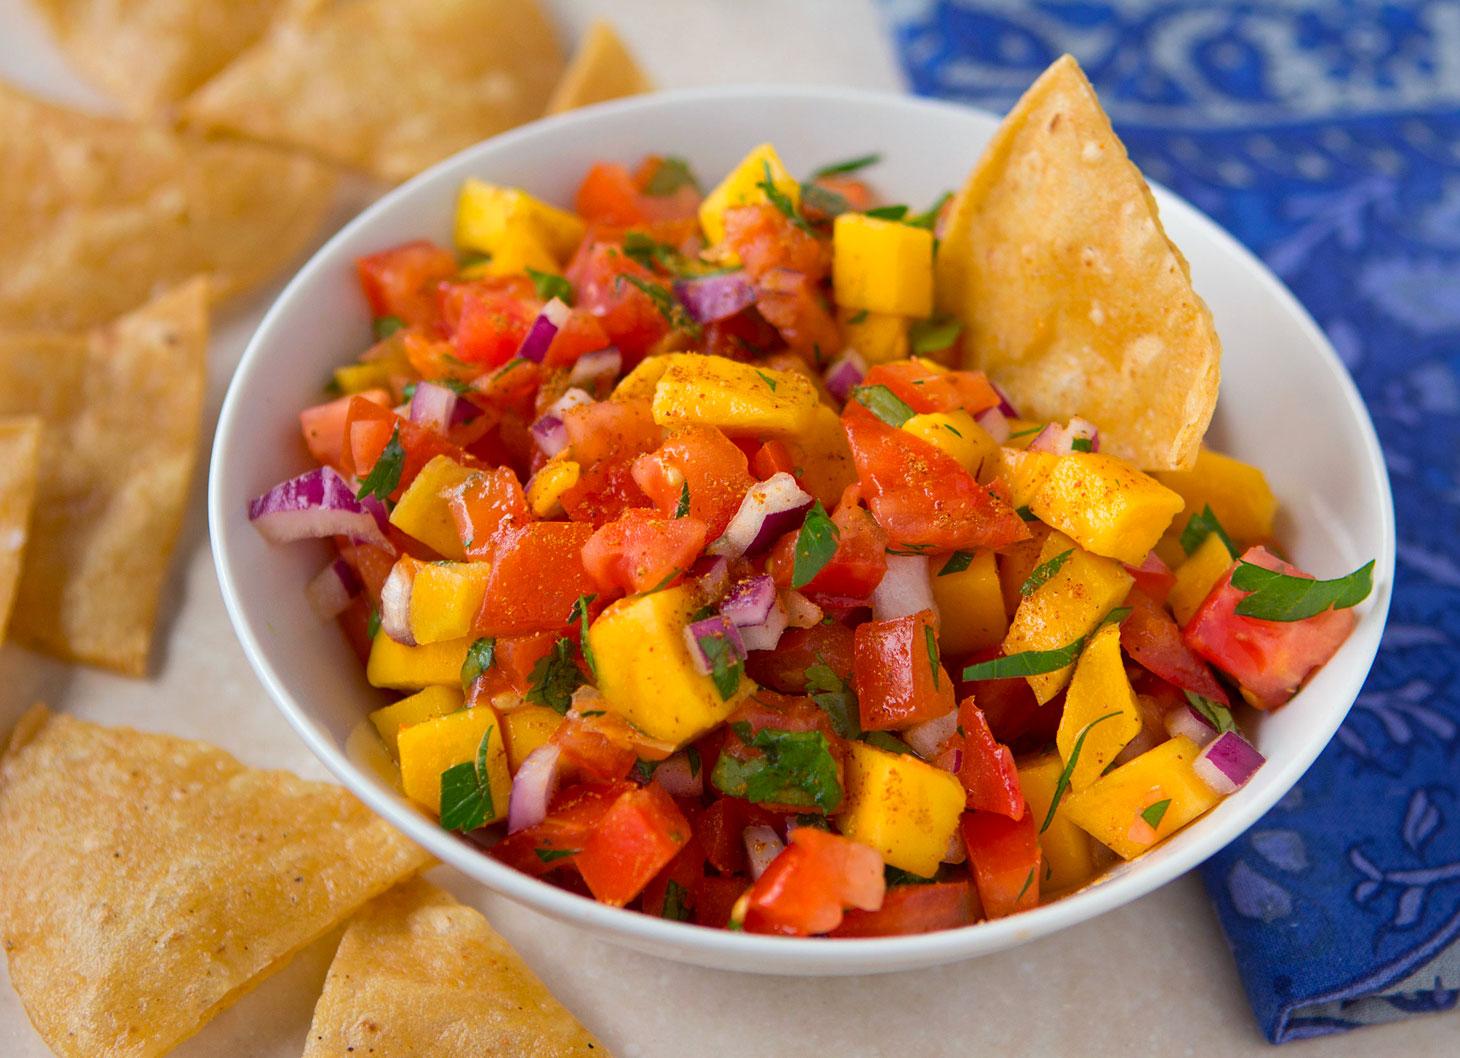 h668-chile-lime-adobo-mango-salsa.jpg